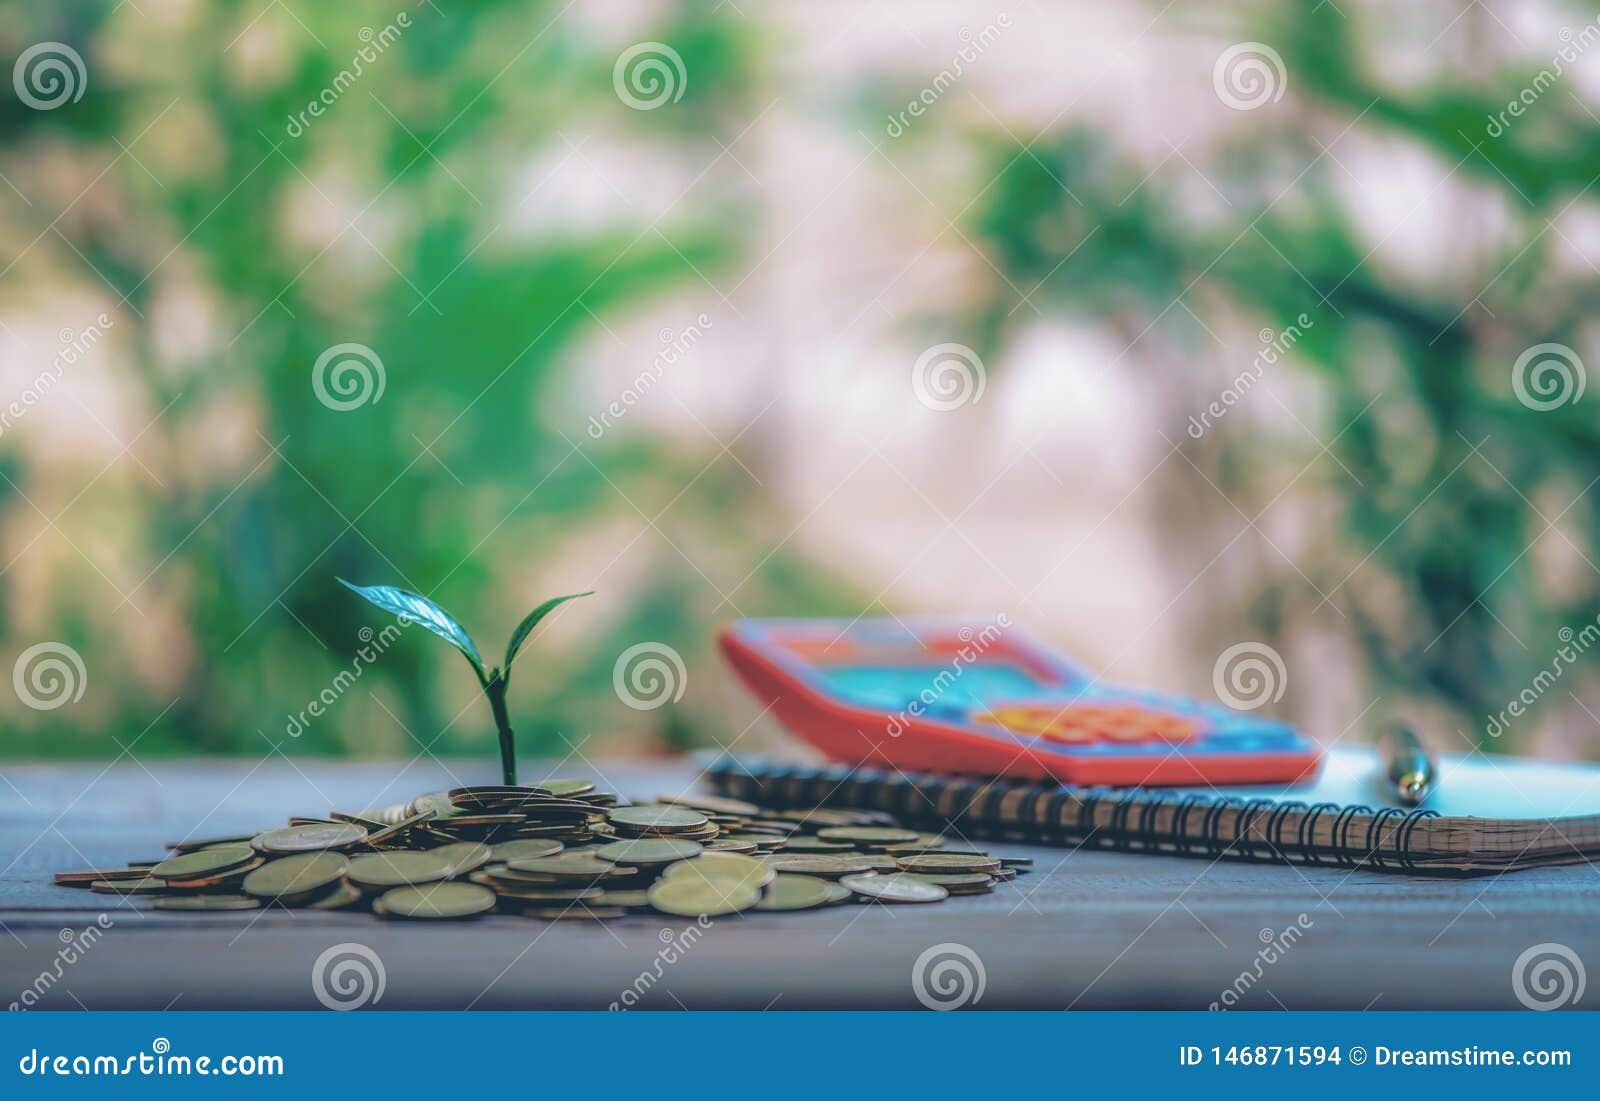 在硬币安置的议院 笔记本和笔准备硬币计划的储款金钱买物产梯子的一个家庭概念,